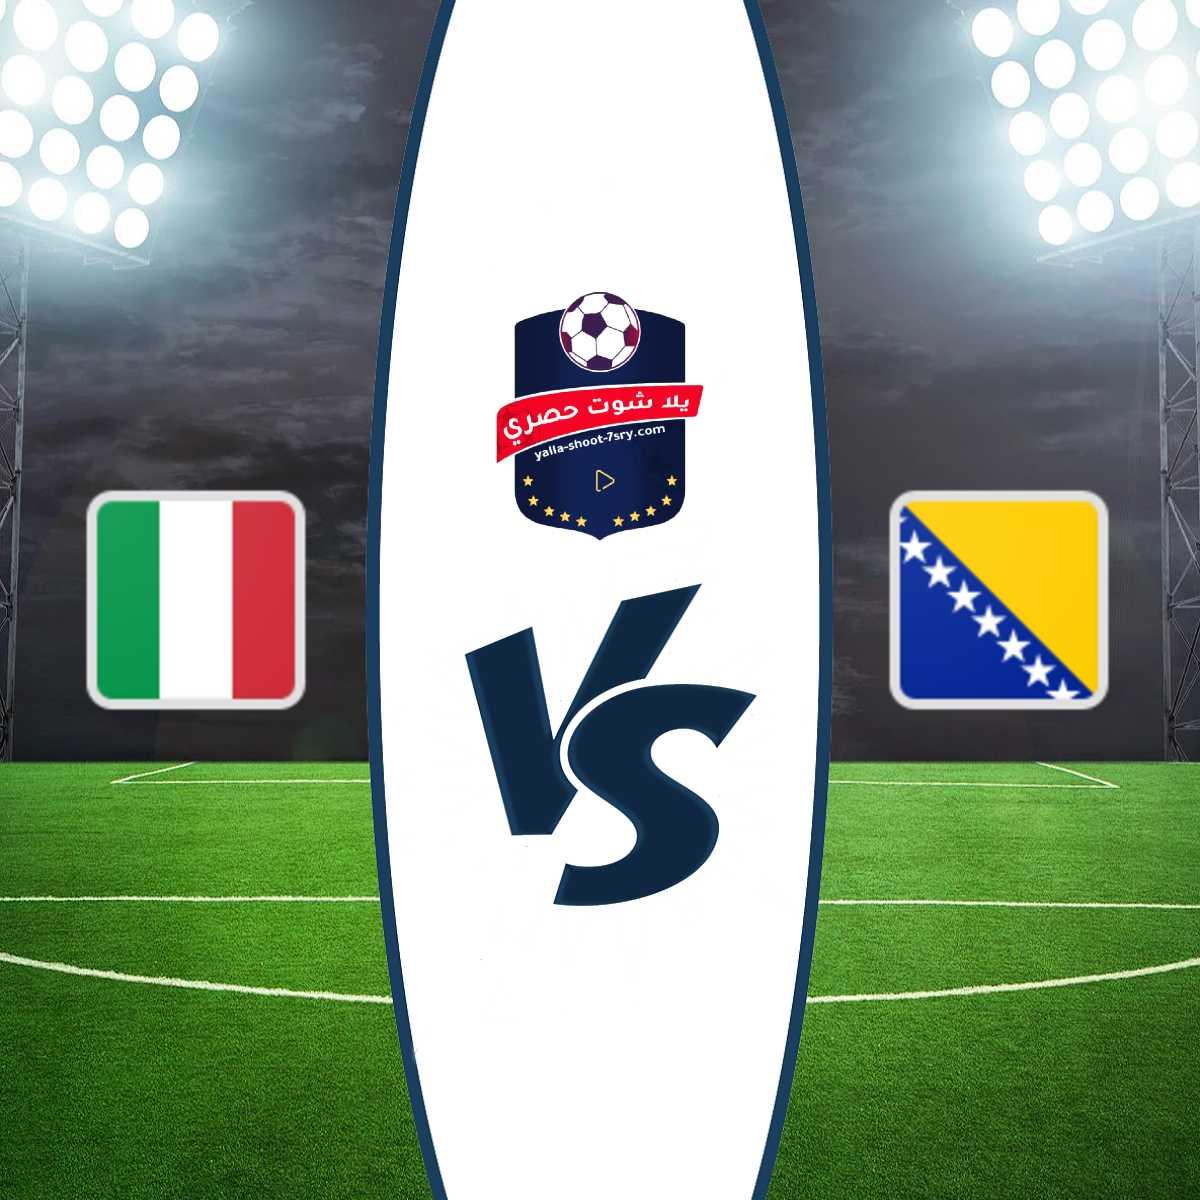 مشاهدة مباراة إيطاليا والبوسنة والهرسك